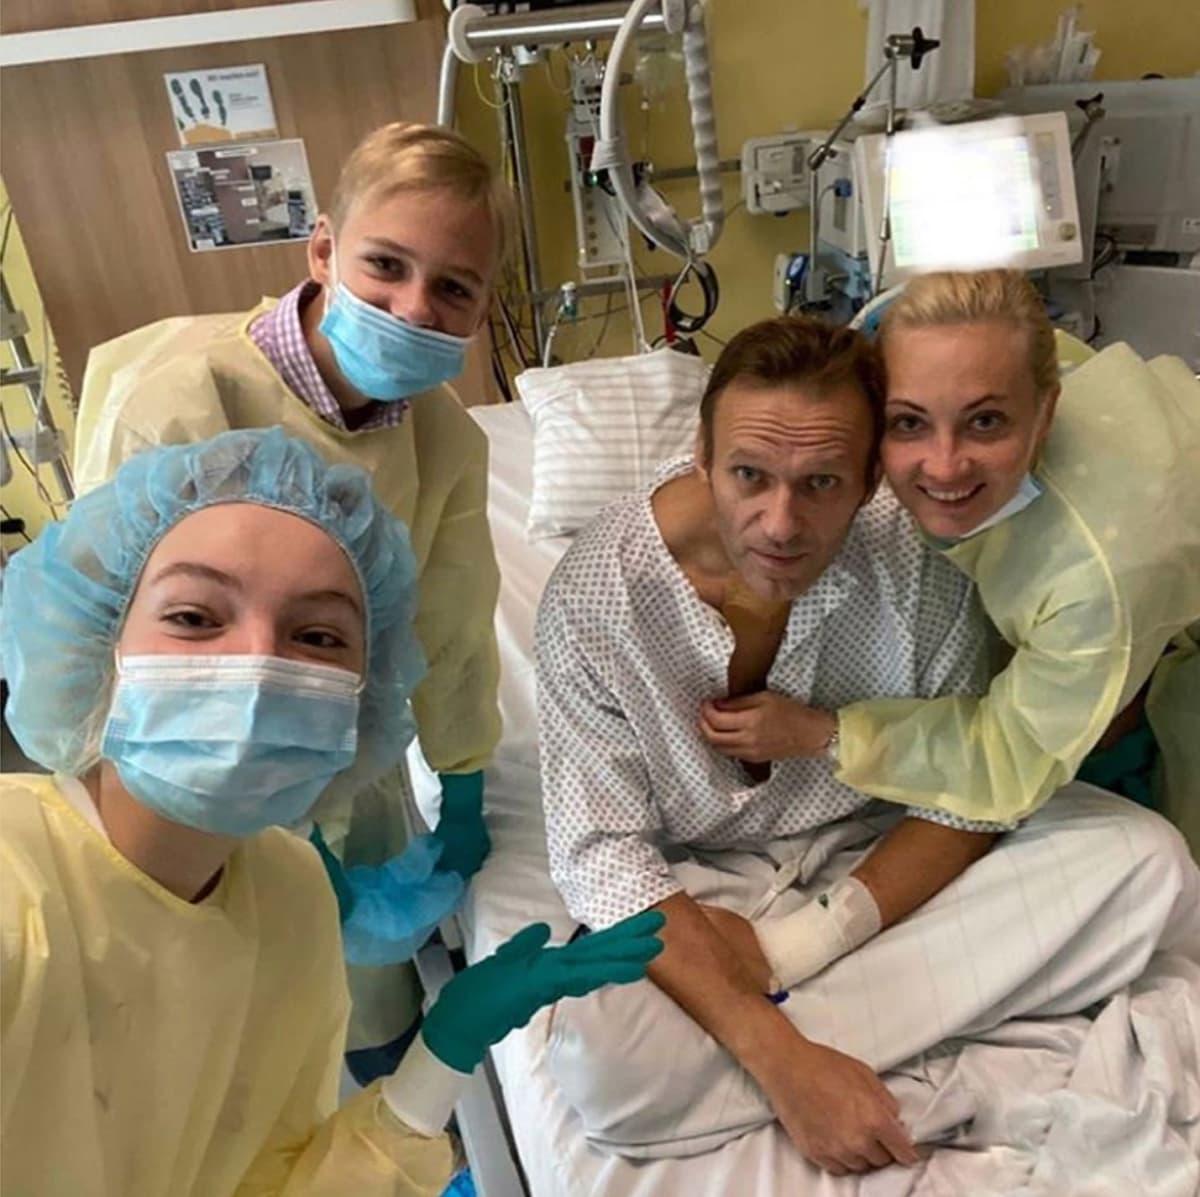 Aleksei Navalnyi perheensä ympäröimänä sairaalasängyssä.